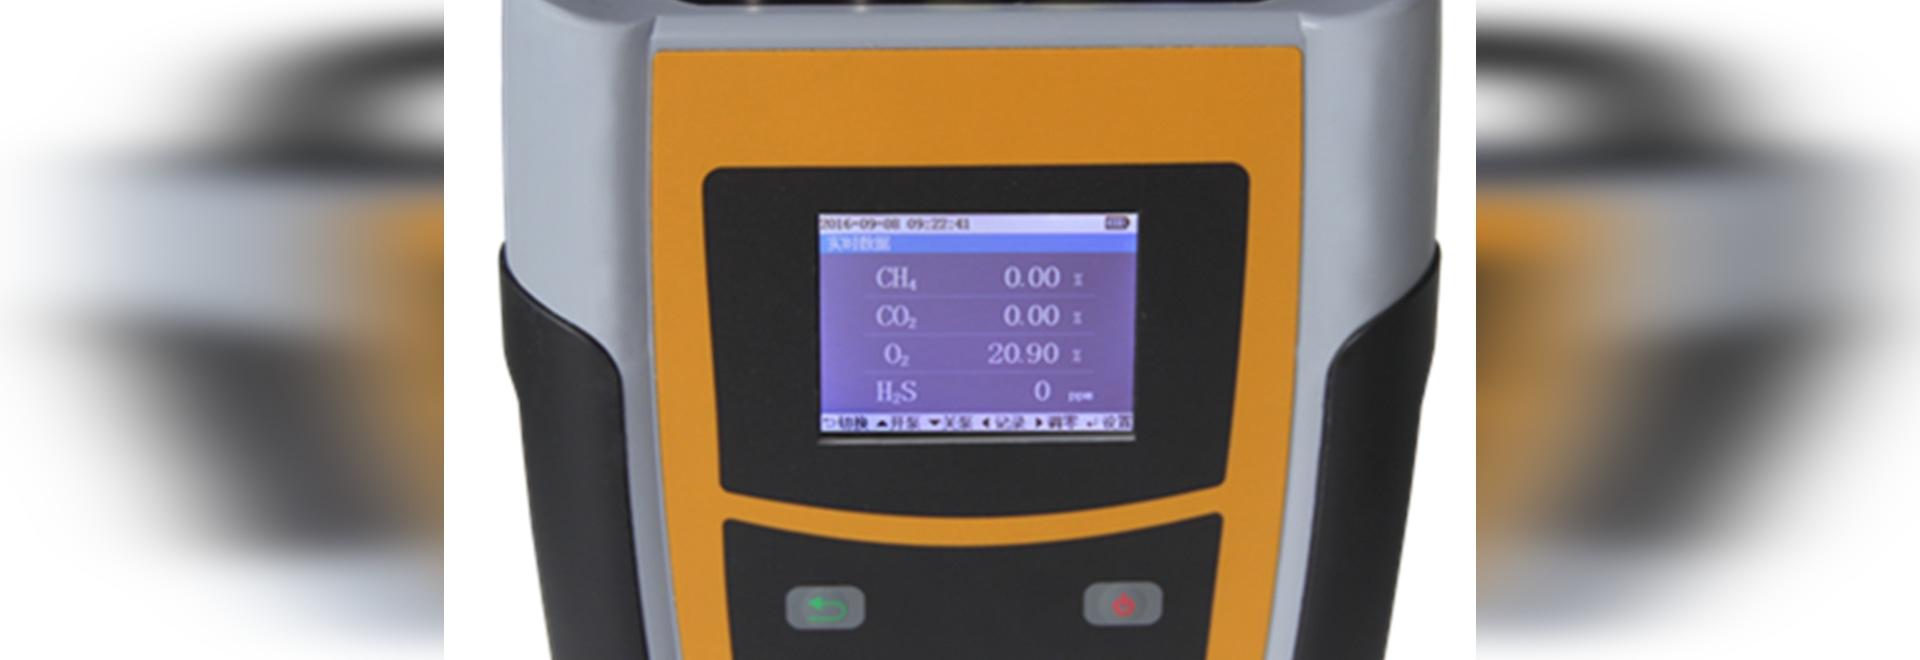 Handinfrarotbiogas-Analysator Gasboard 3200plus